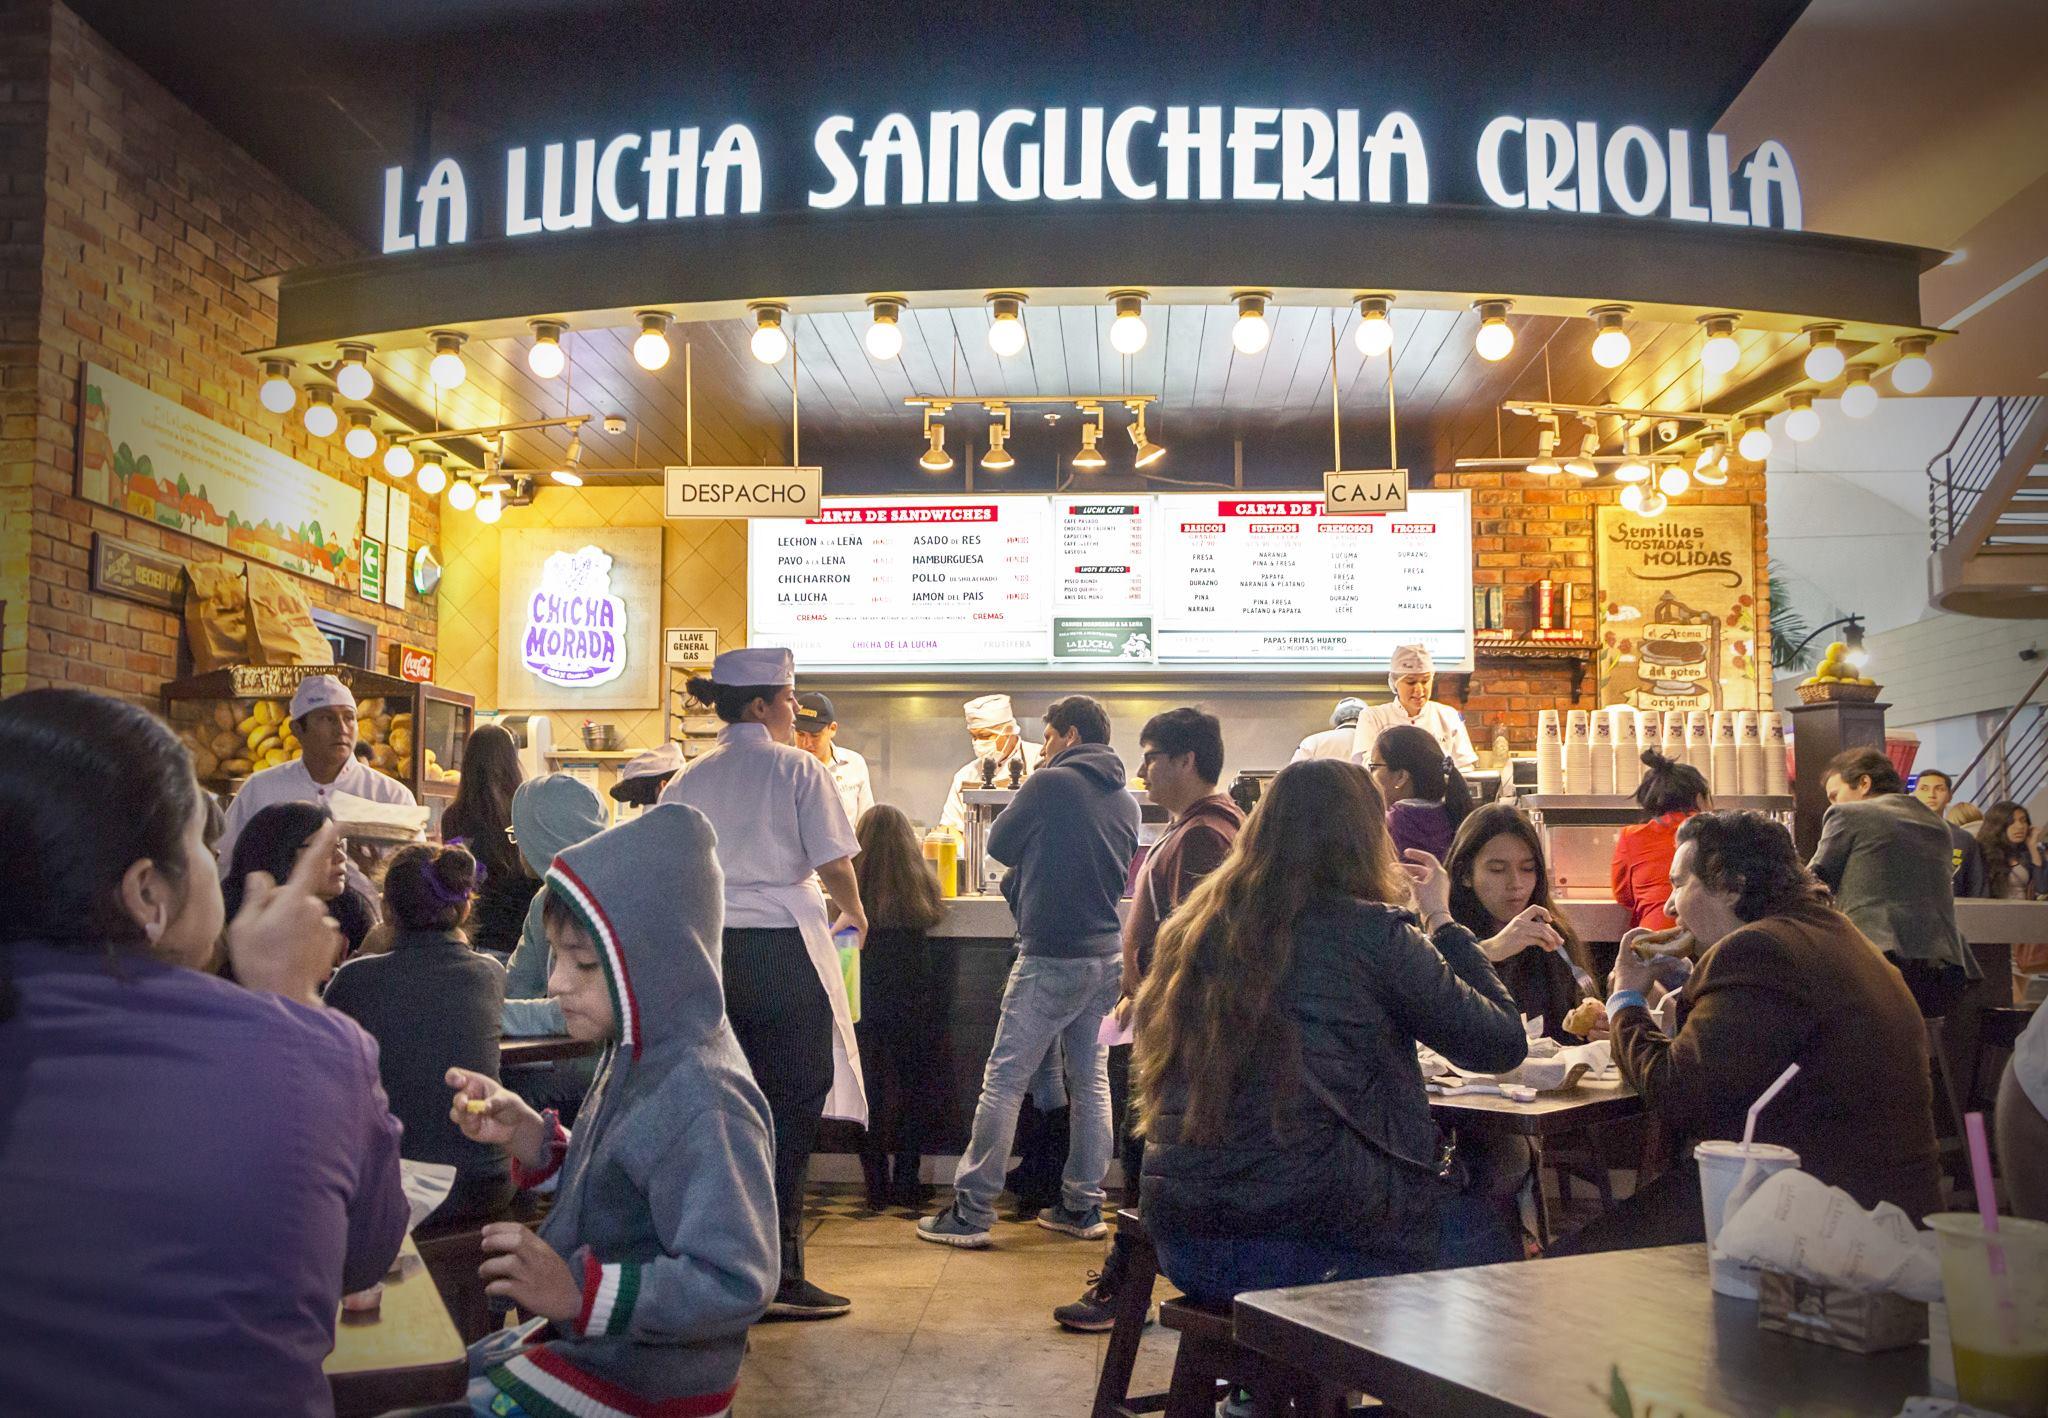 la lucha peru 3 - La Lucha Sanguchería abrirá sus primeros locales en Colombia